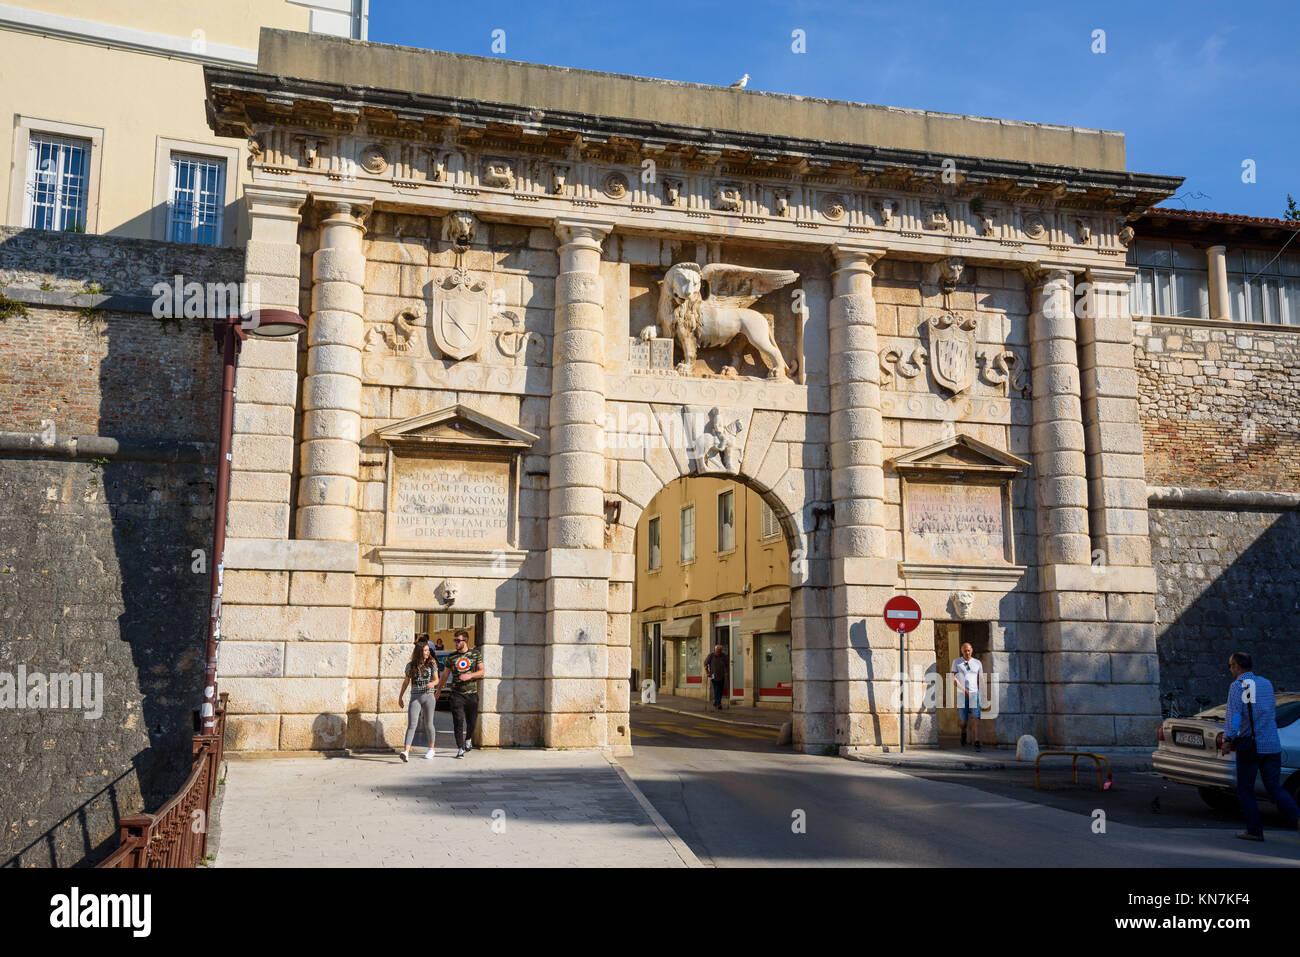 Porta di terra e le mura della città, Città Vecchia, Zadar, Croazia Immagini Stock